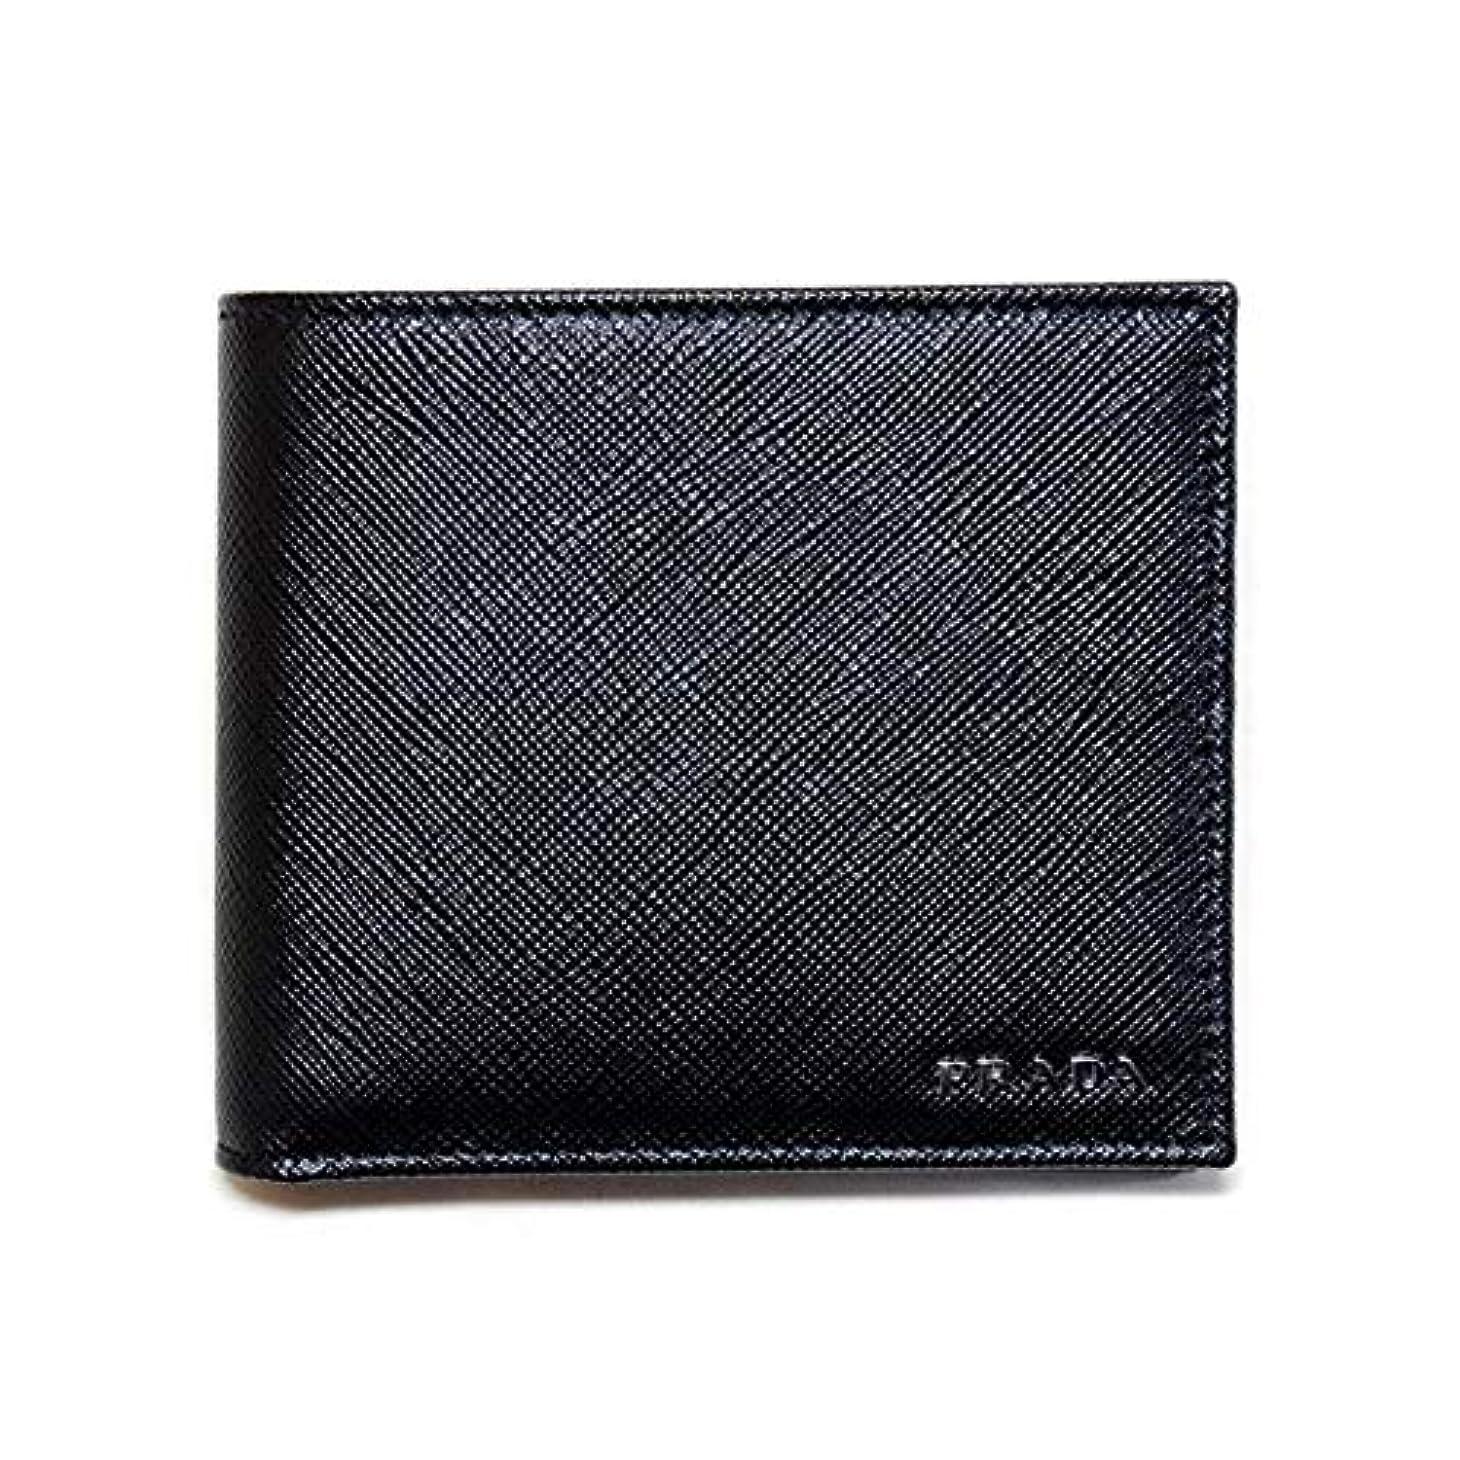 に付ける体キャリアプラダ メンズ財布 サフィアーノプリント ブラック+ブルー 2M0738_2E3D NERO+BLUETTE PRADA